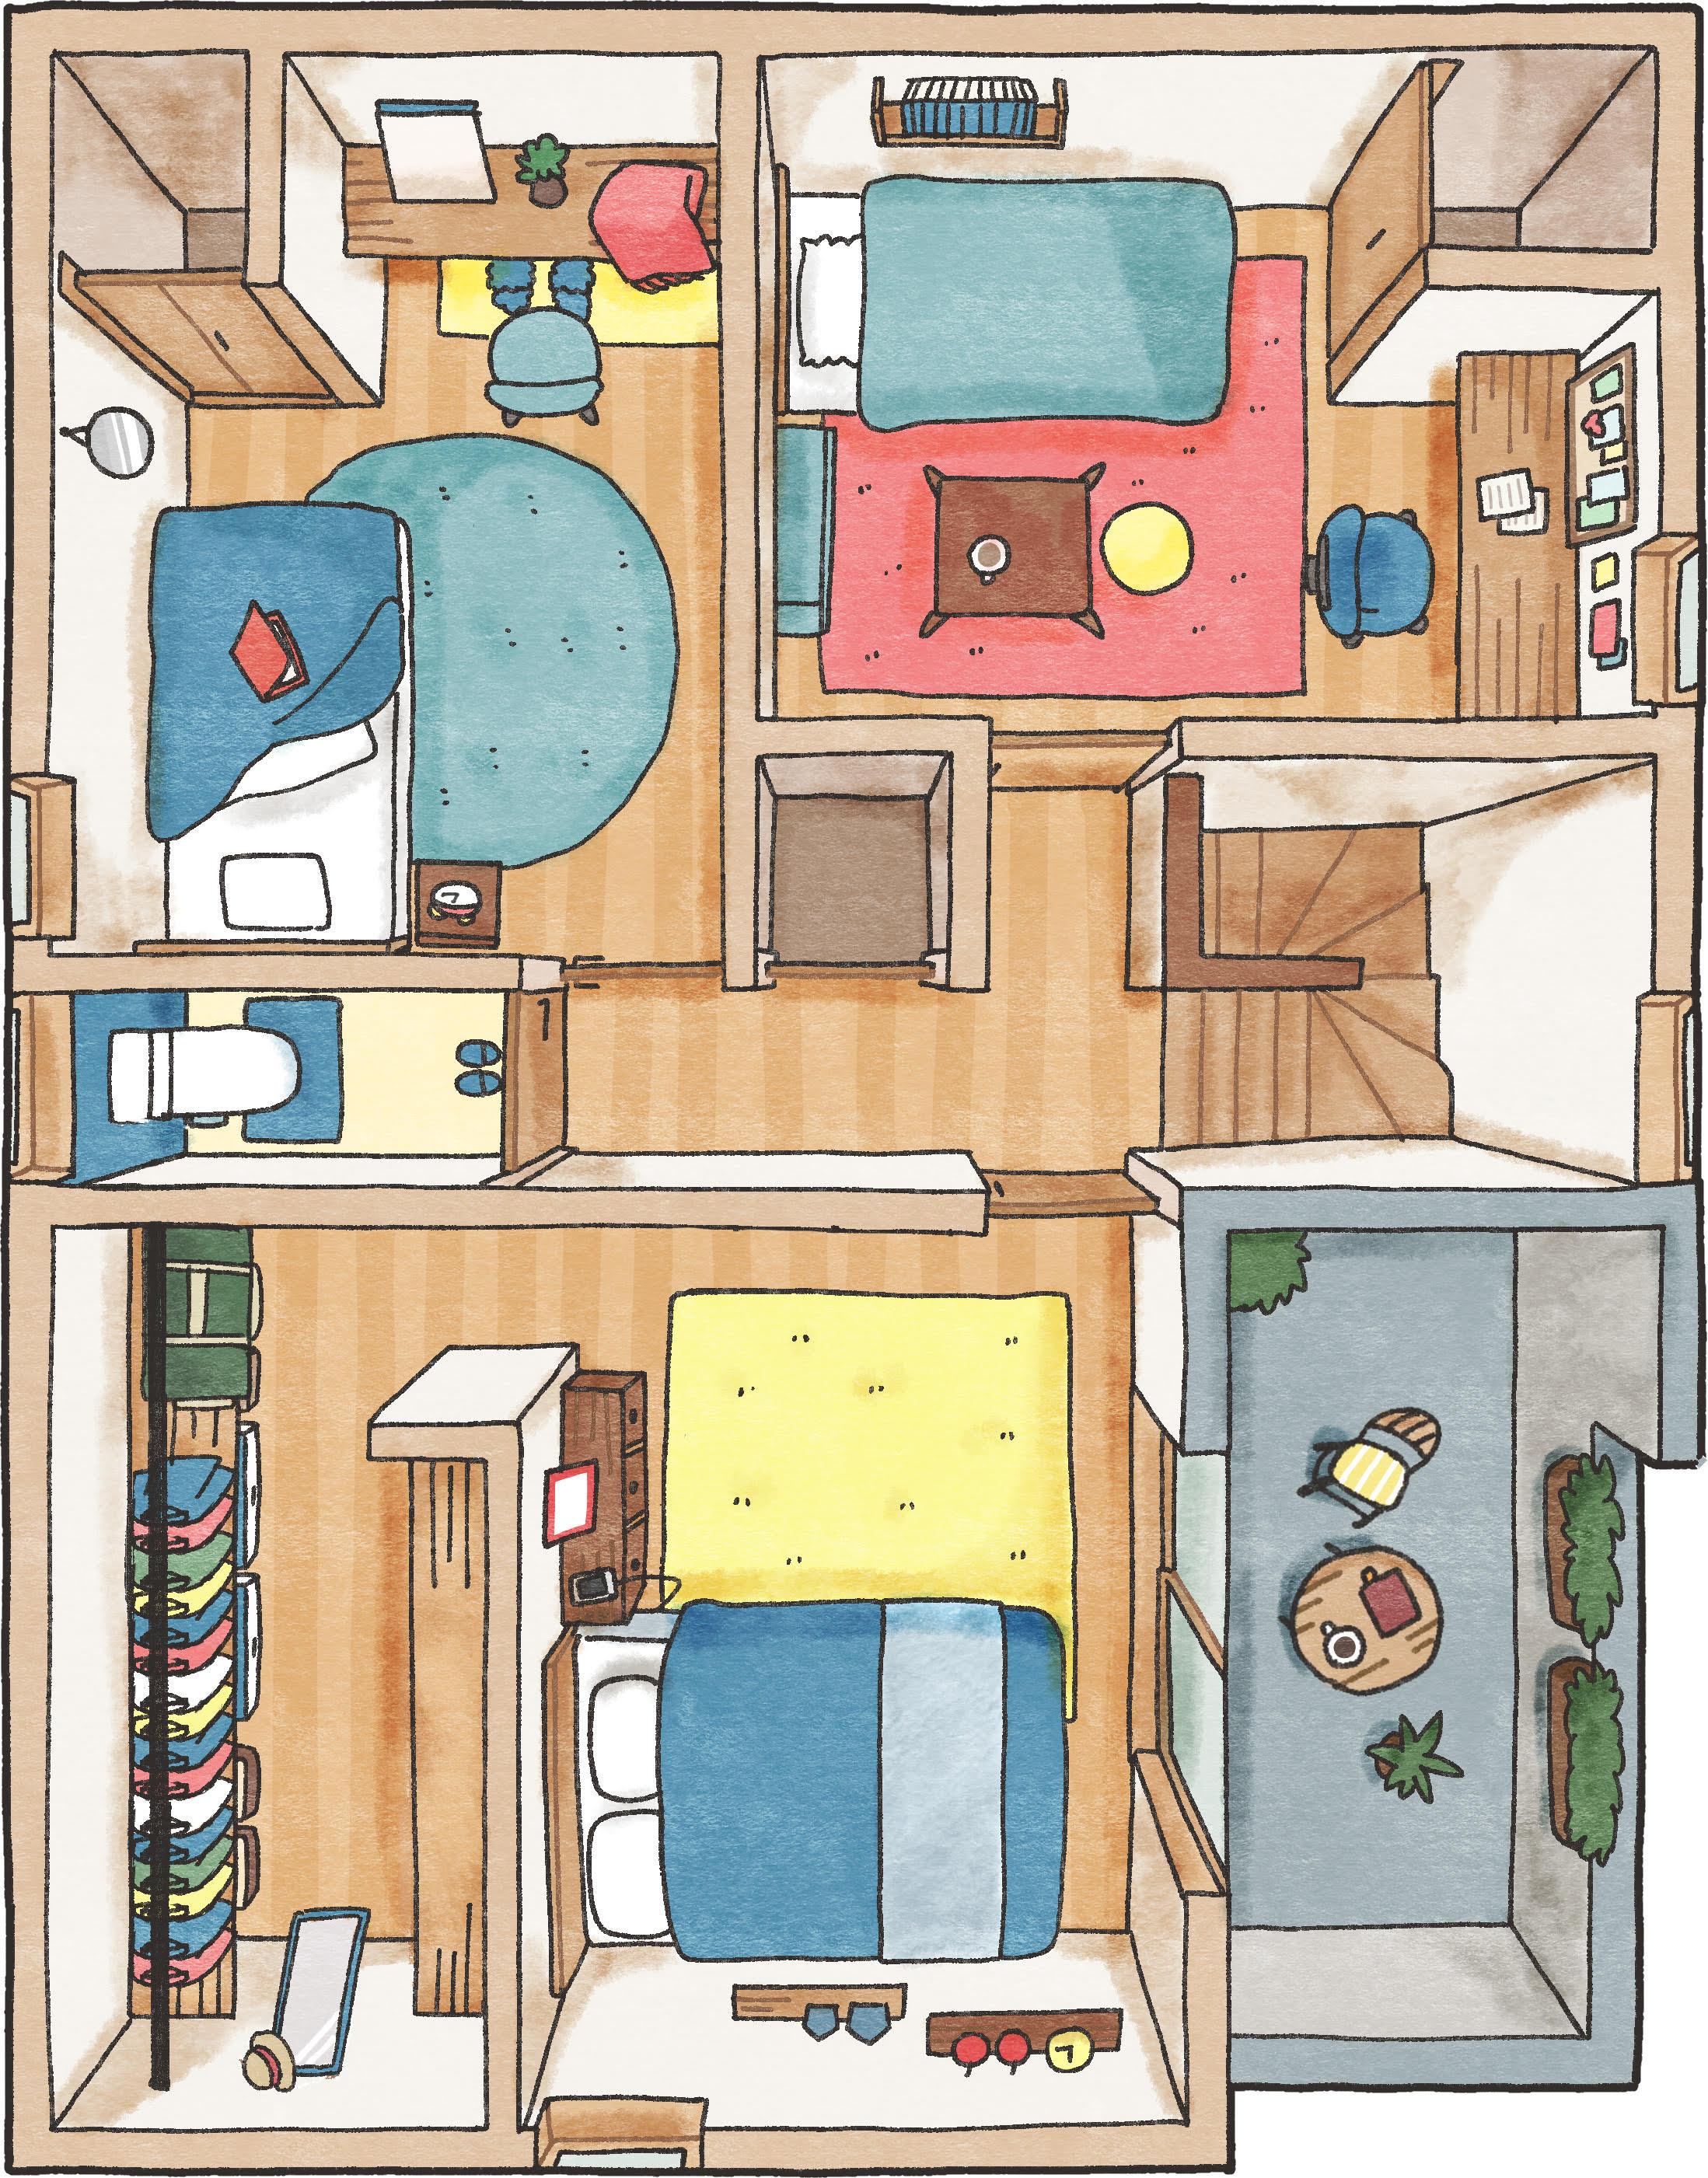 吹き抜けと広い玄関の開放的なお家